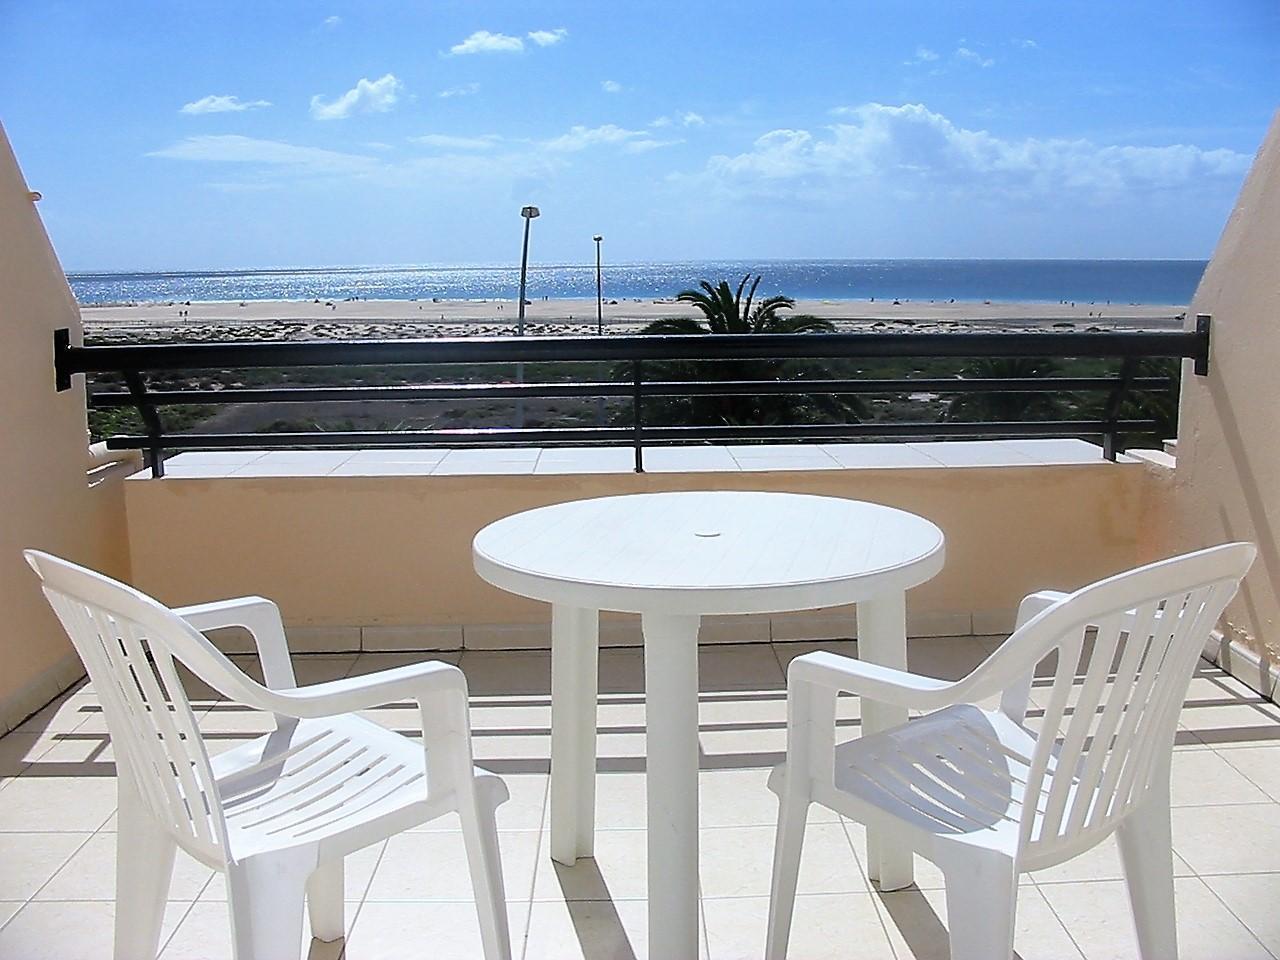 Ferienwohnung Apartment 2 / 4p am Strand und mit allen Dienstleistungen, mit Meerblick, Swimmingpools, a (487787), Morro Jable, Fuerteventura, Kanarische Inseln, Spanien, Bild 2